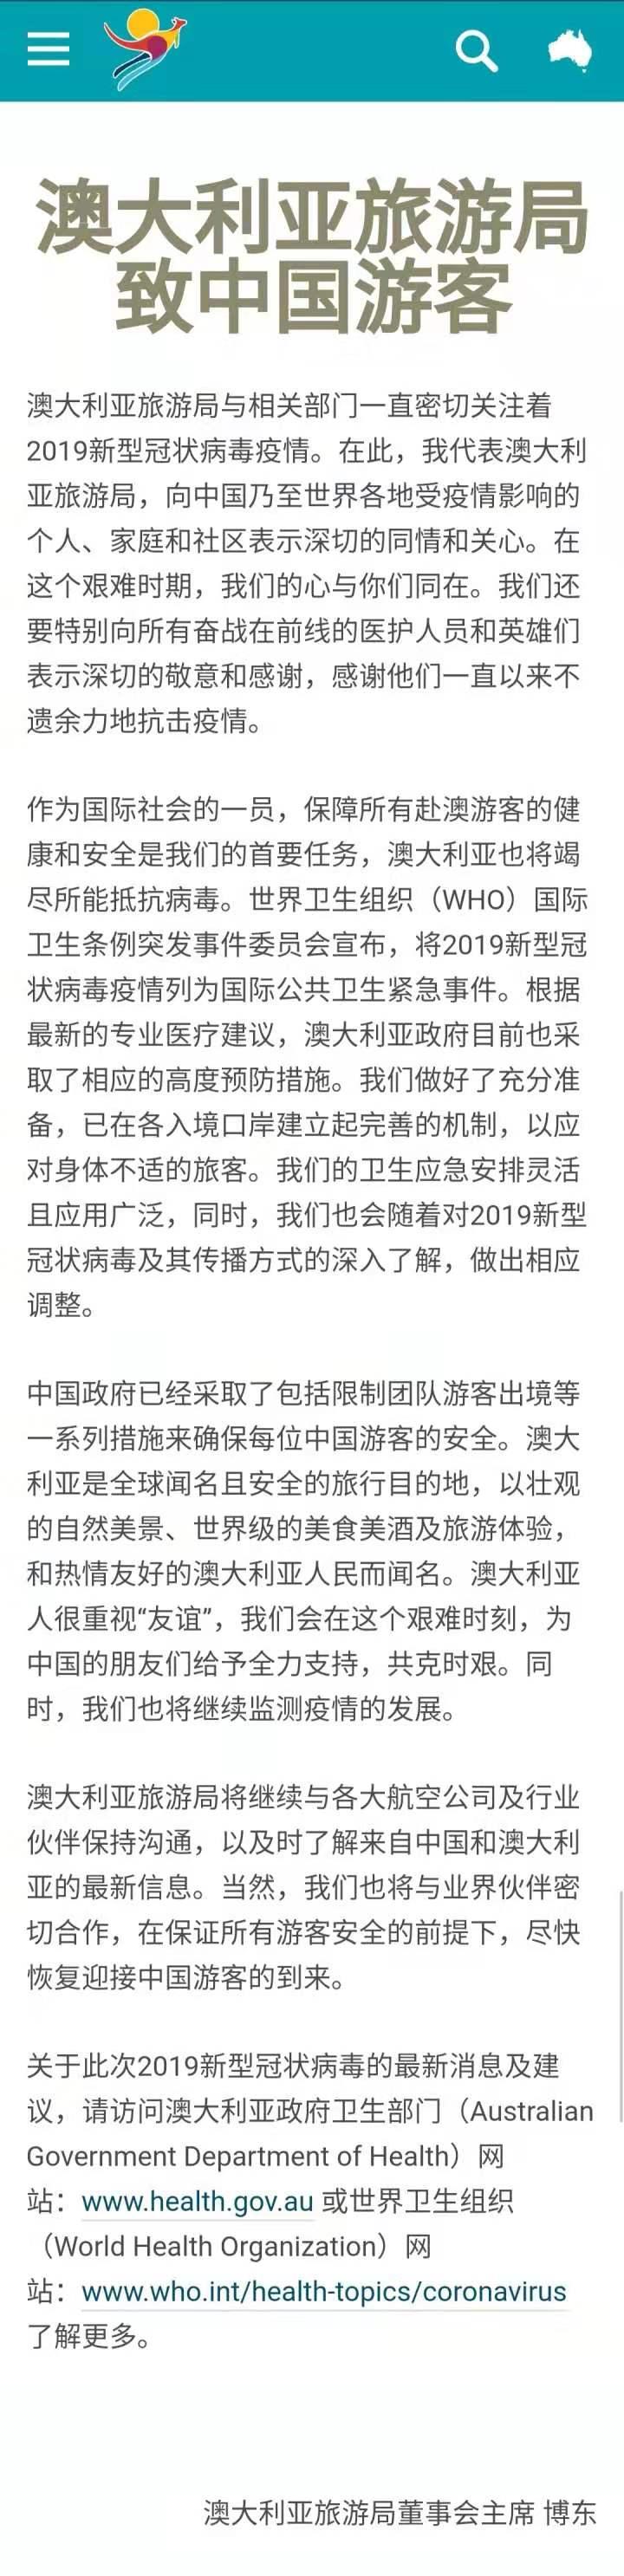 澳大利亚旅游局致中国游客:为中国的朋_旅游局-澳大利亚-疫情-世界卫生组织-